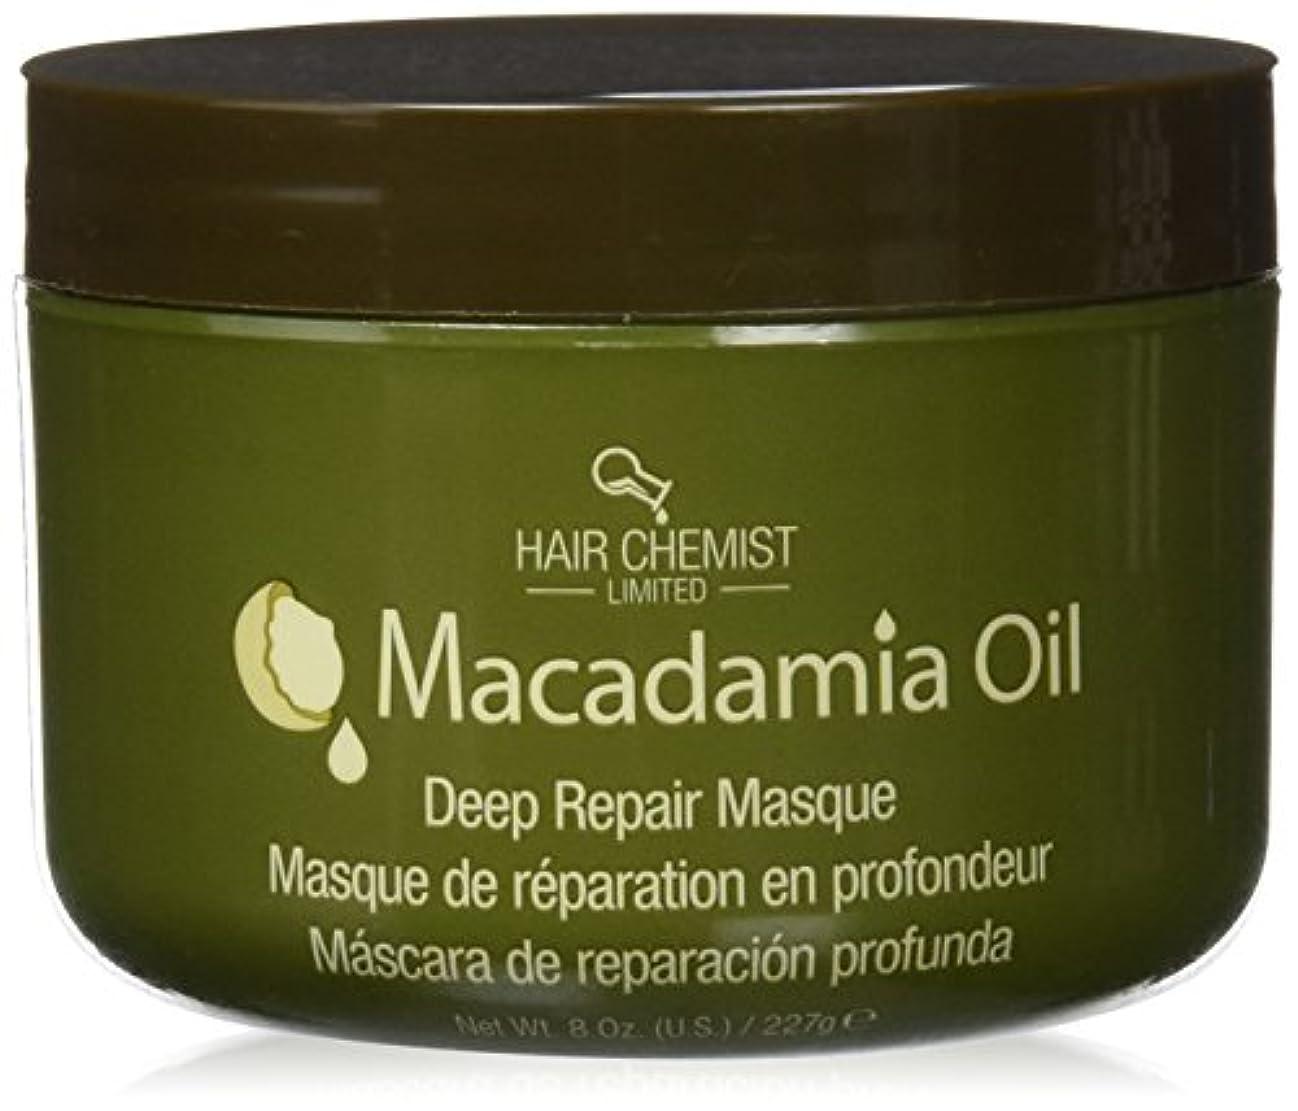 縁石フェミニン全体Hair Chemist ヘアマスク マカダミア オイル ディープリペアマスク 227g Macadamia Oil Deep Repair Mask 1434 New York